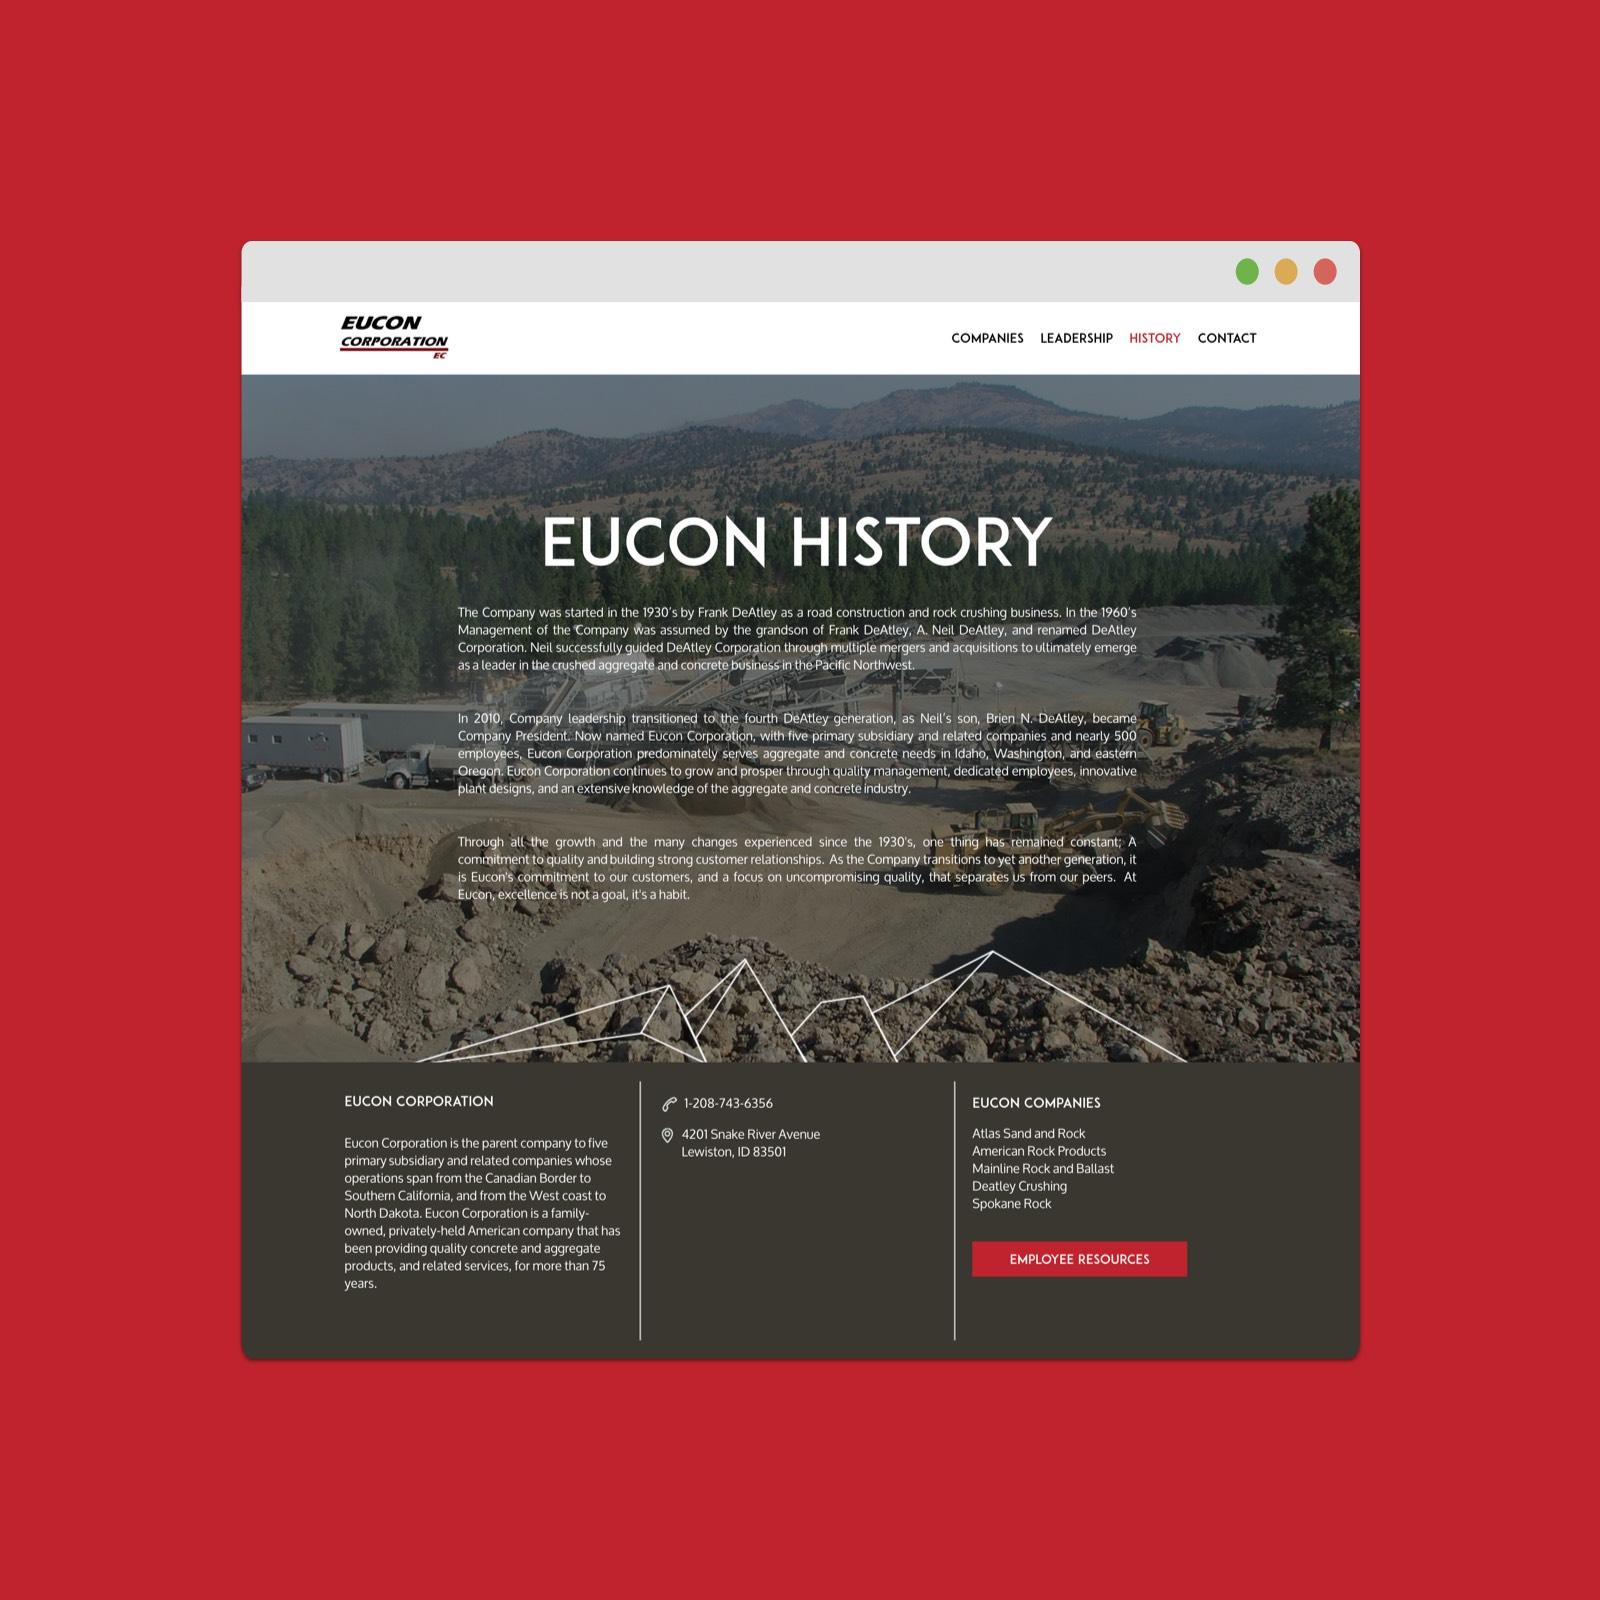 euconhistory